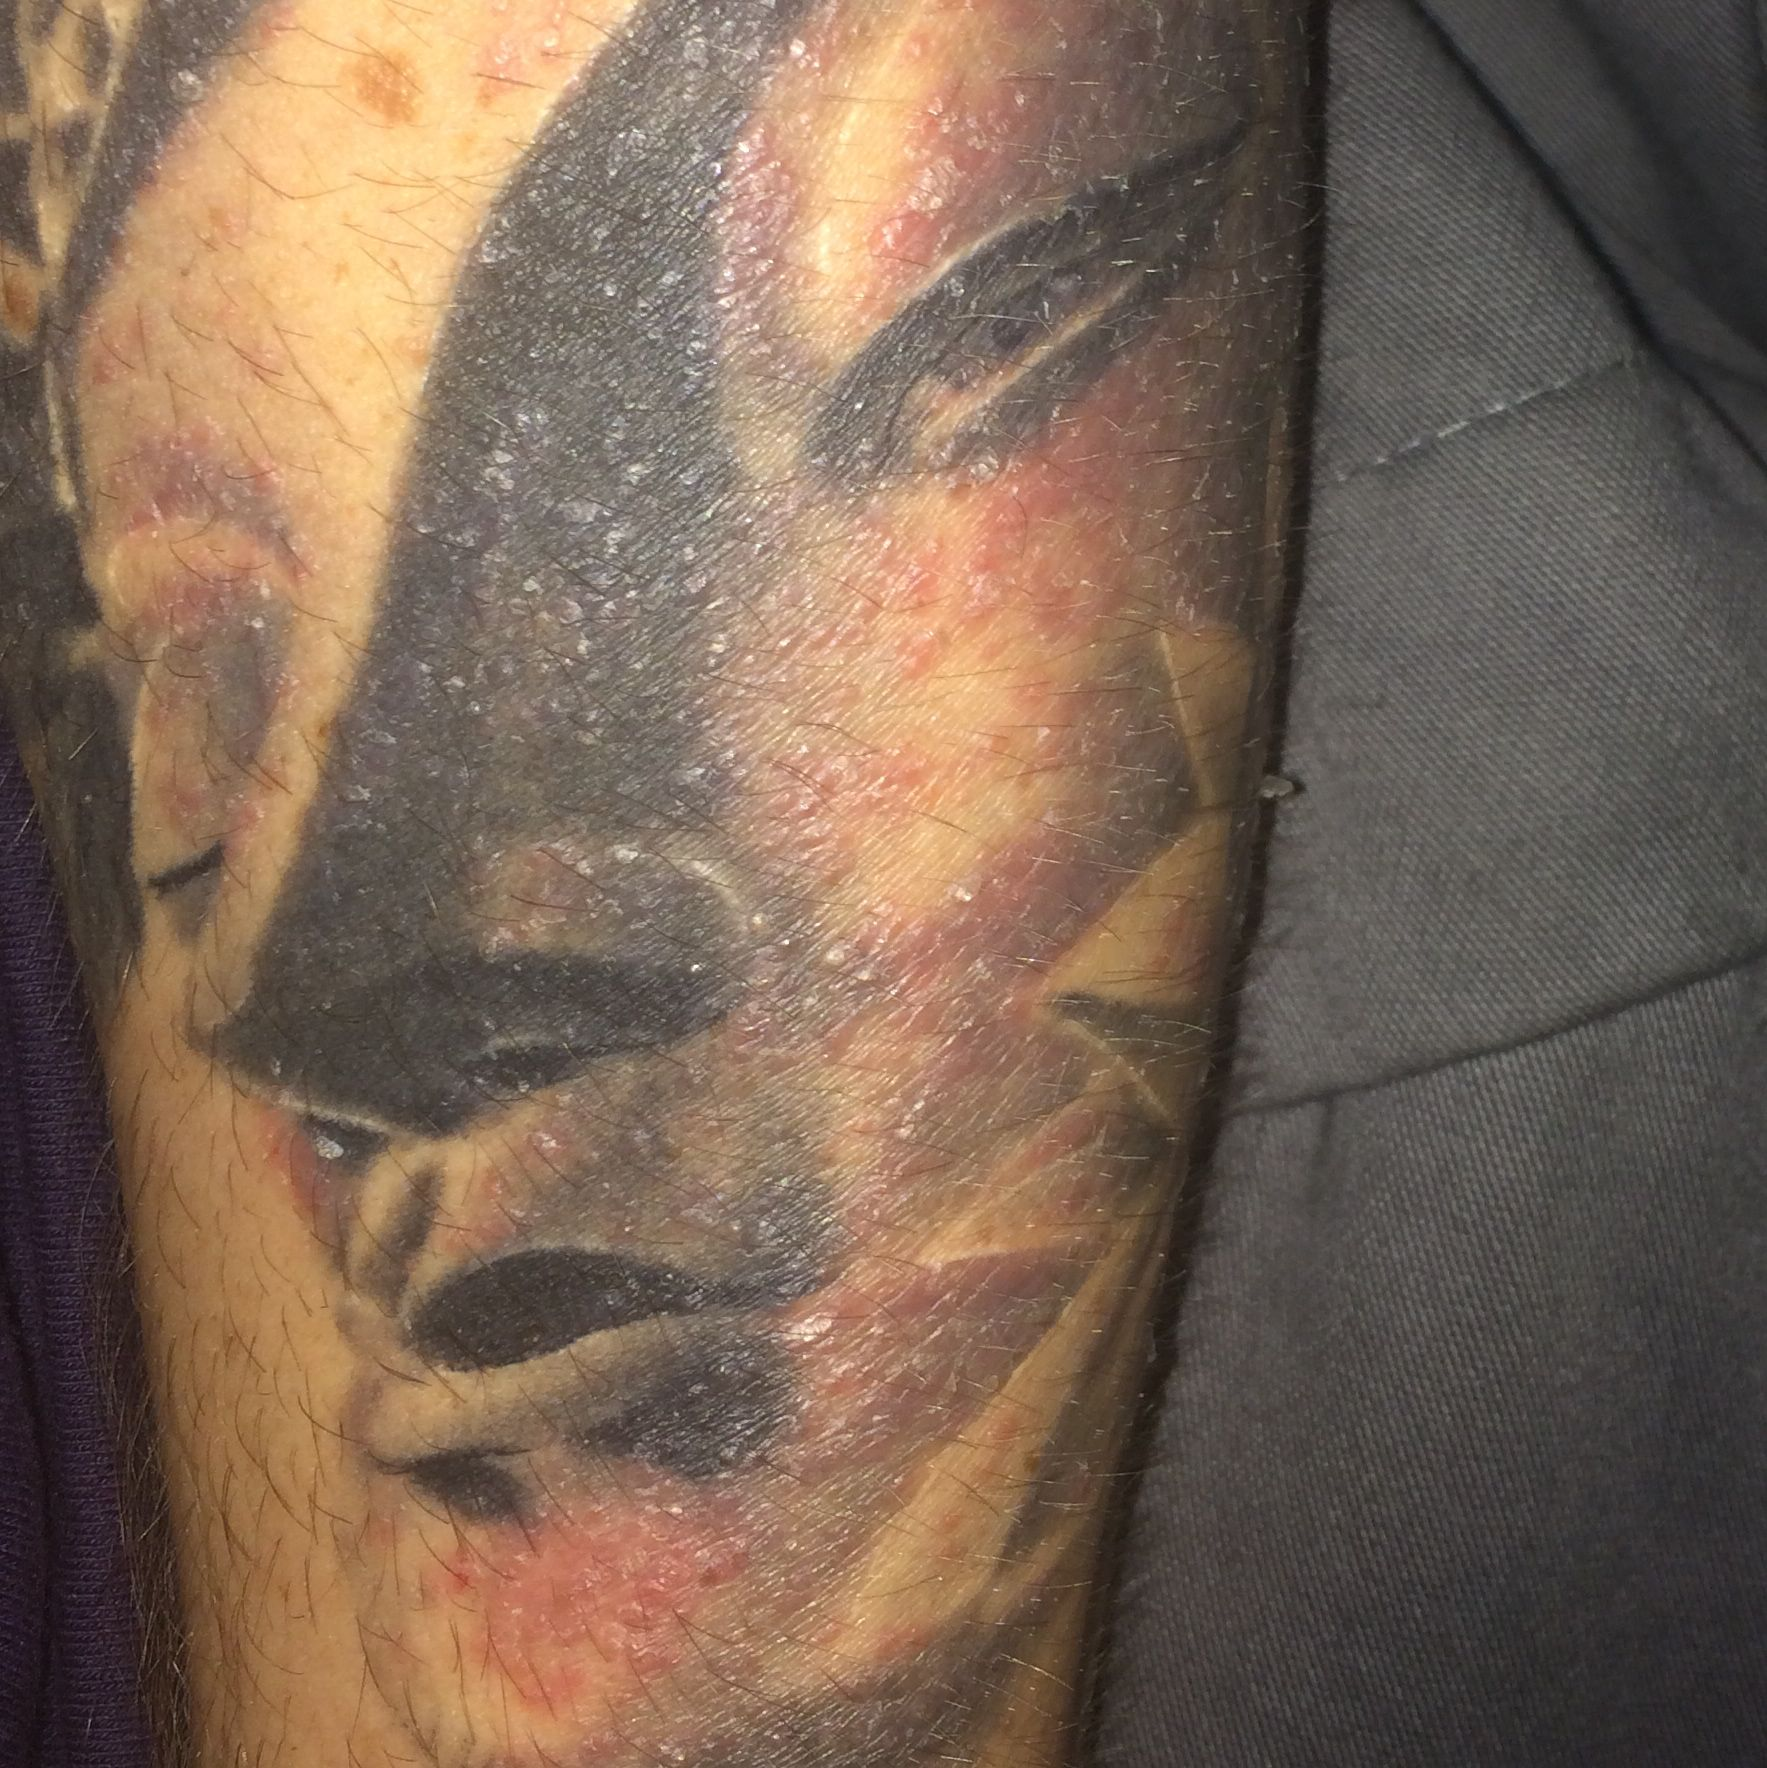 Wie Lange Hält Ein Reetdach es ist eine allergie auf ein spray was der tattoovierer benutzt hat wie lange hält das an